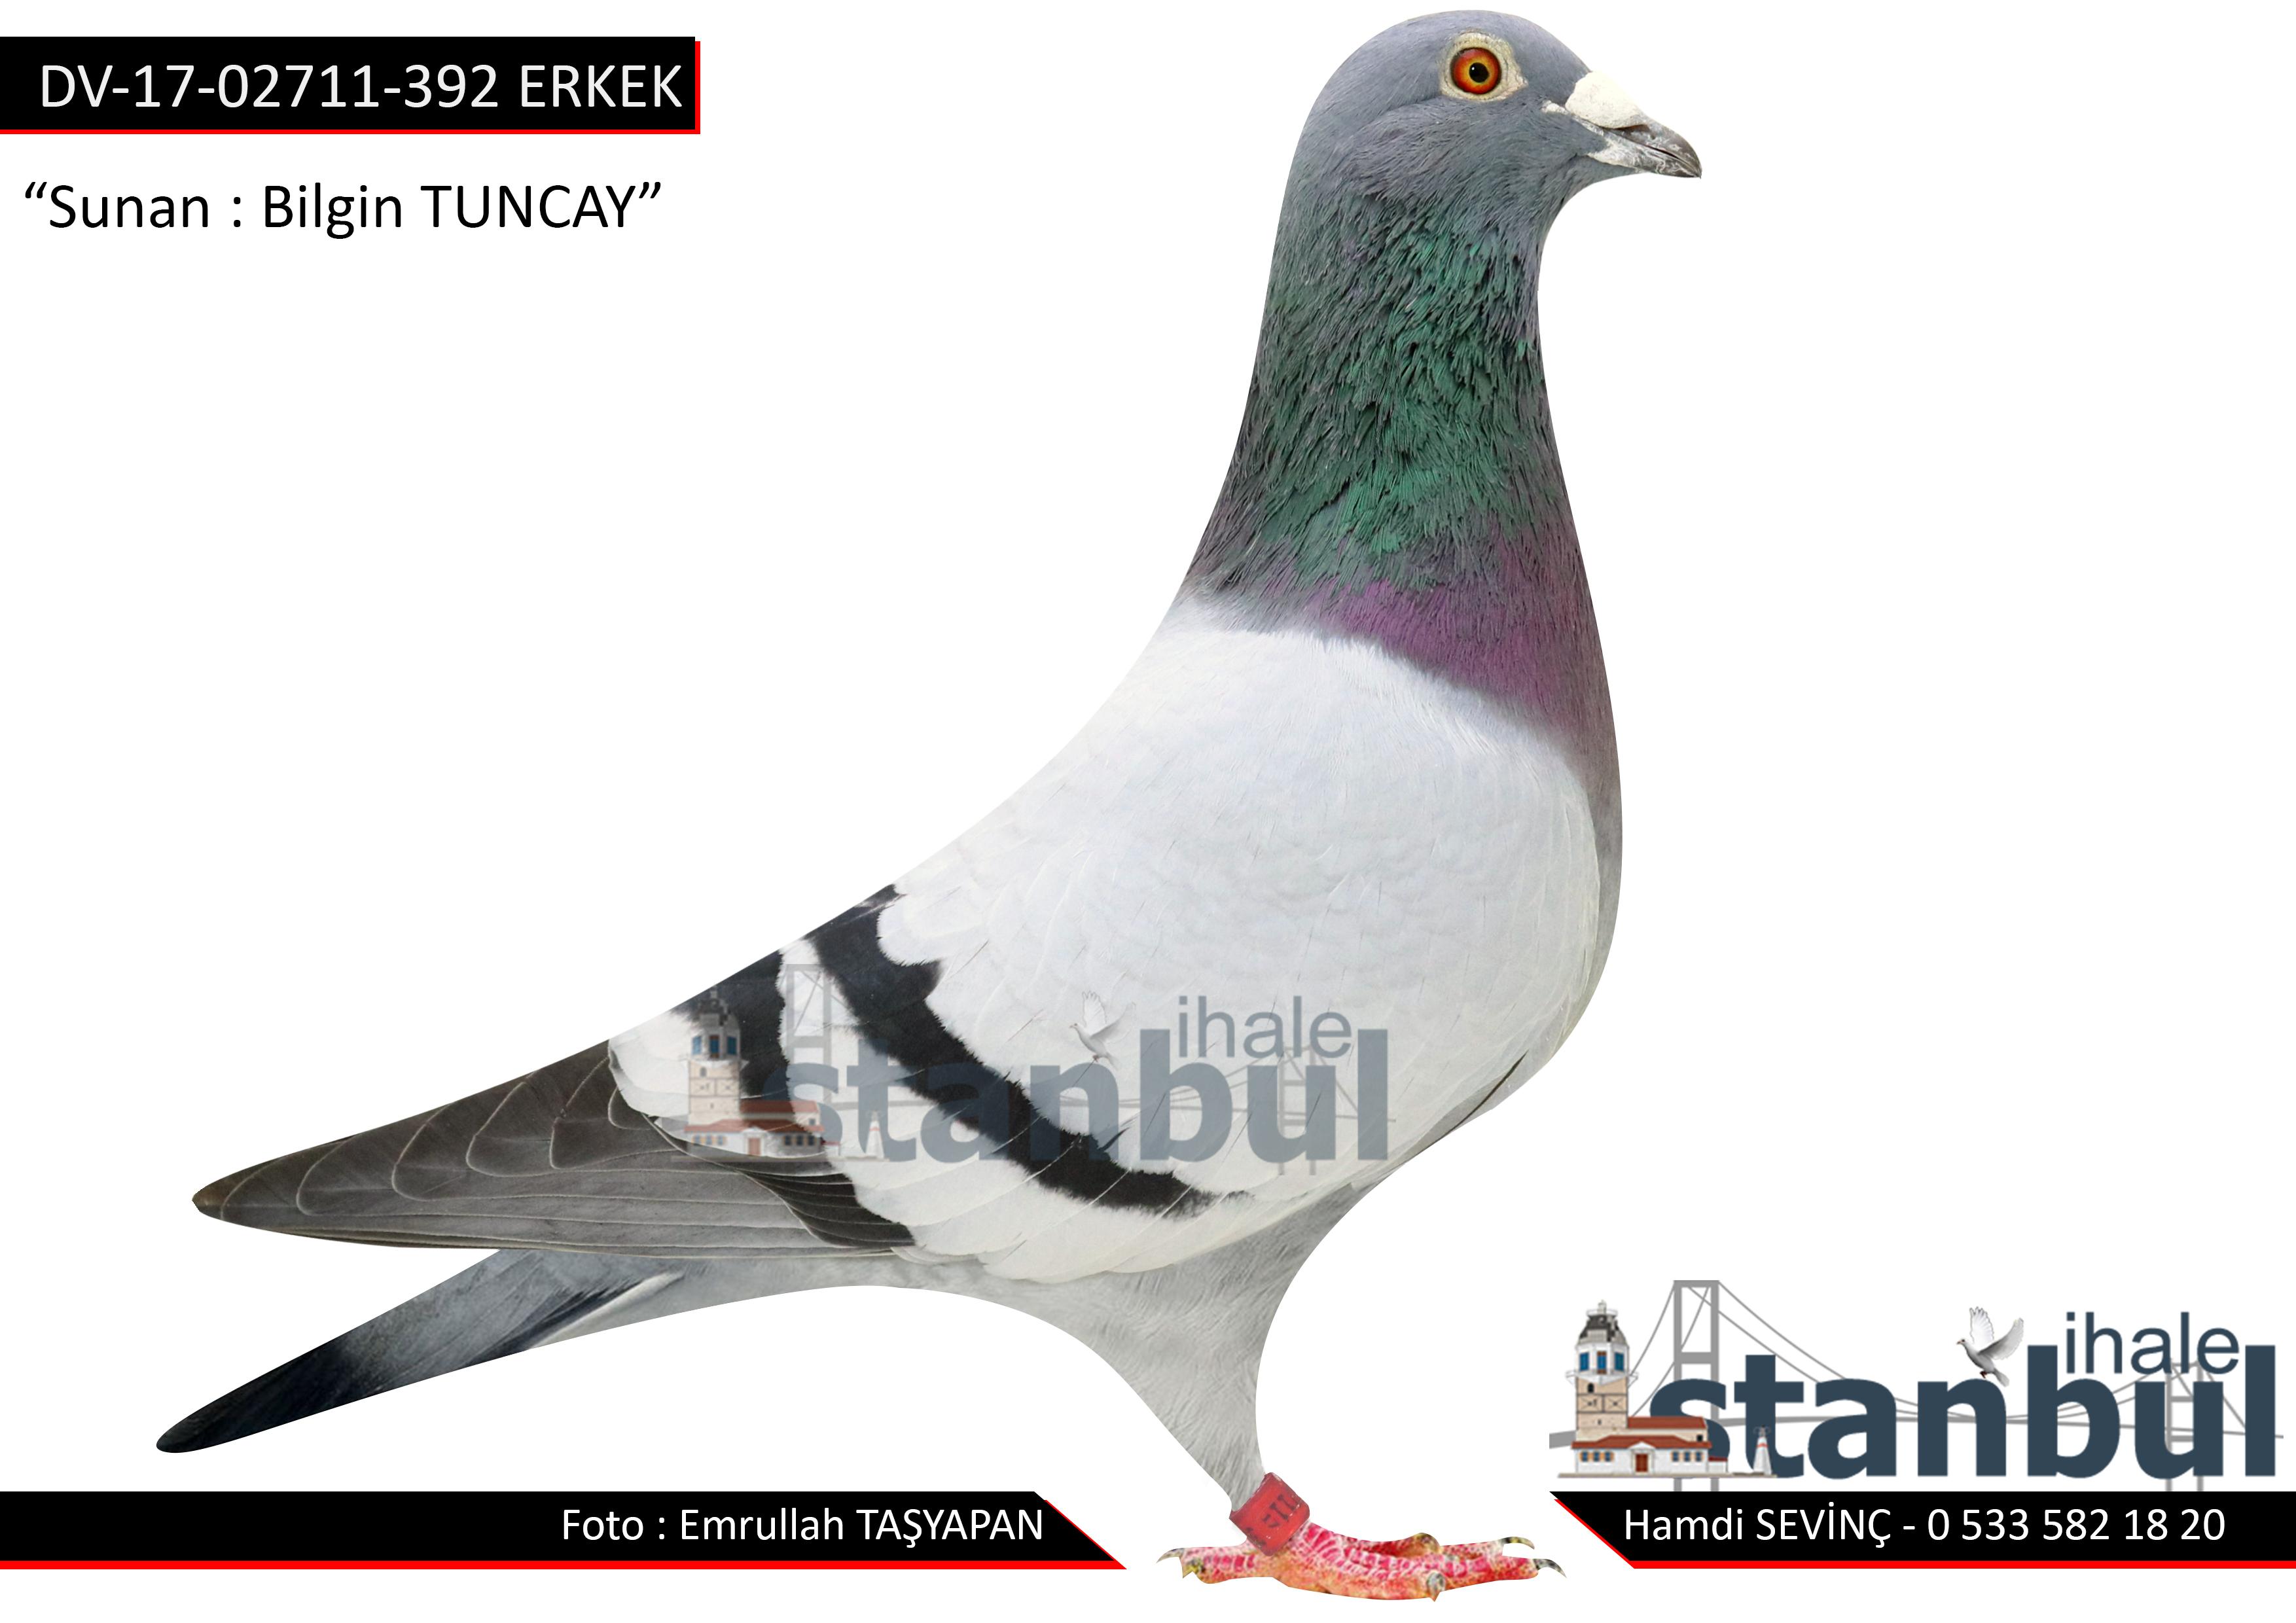 DV-17-02711-392 ERKEK